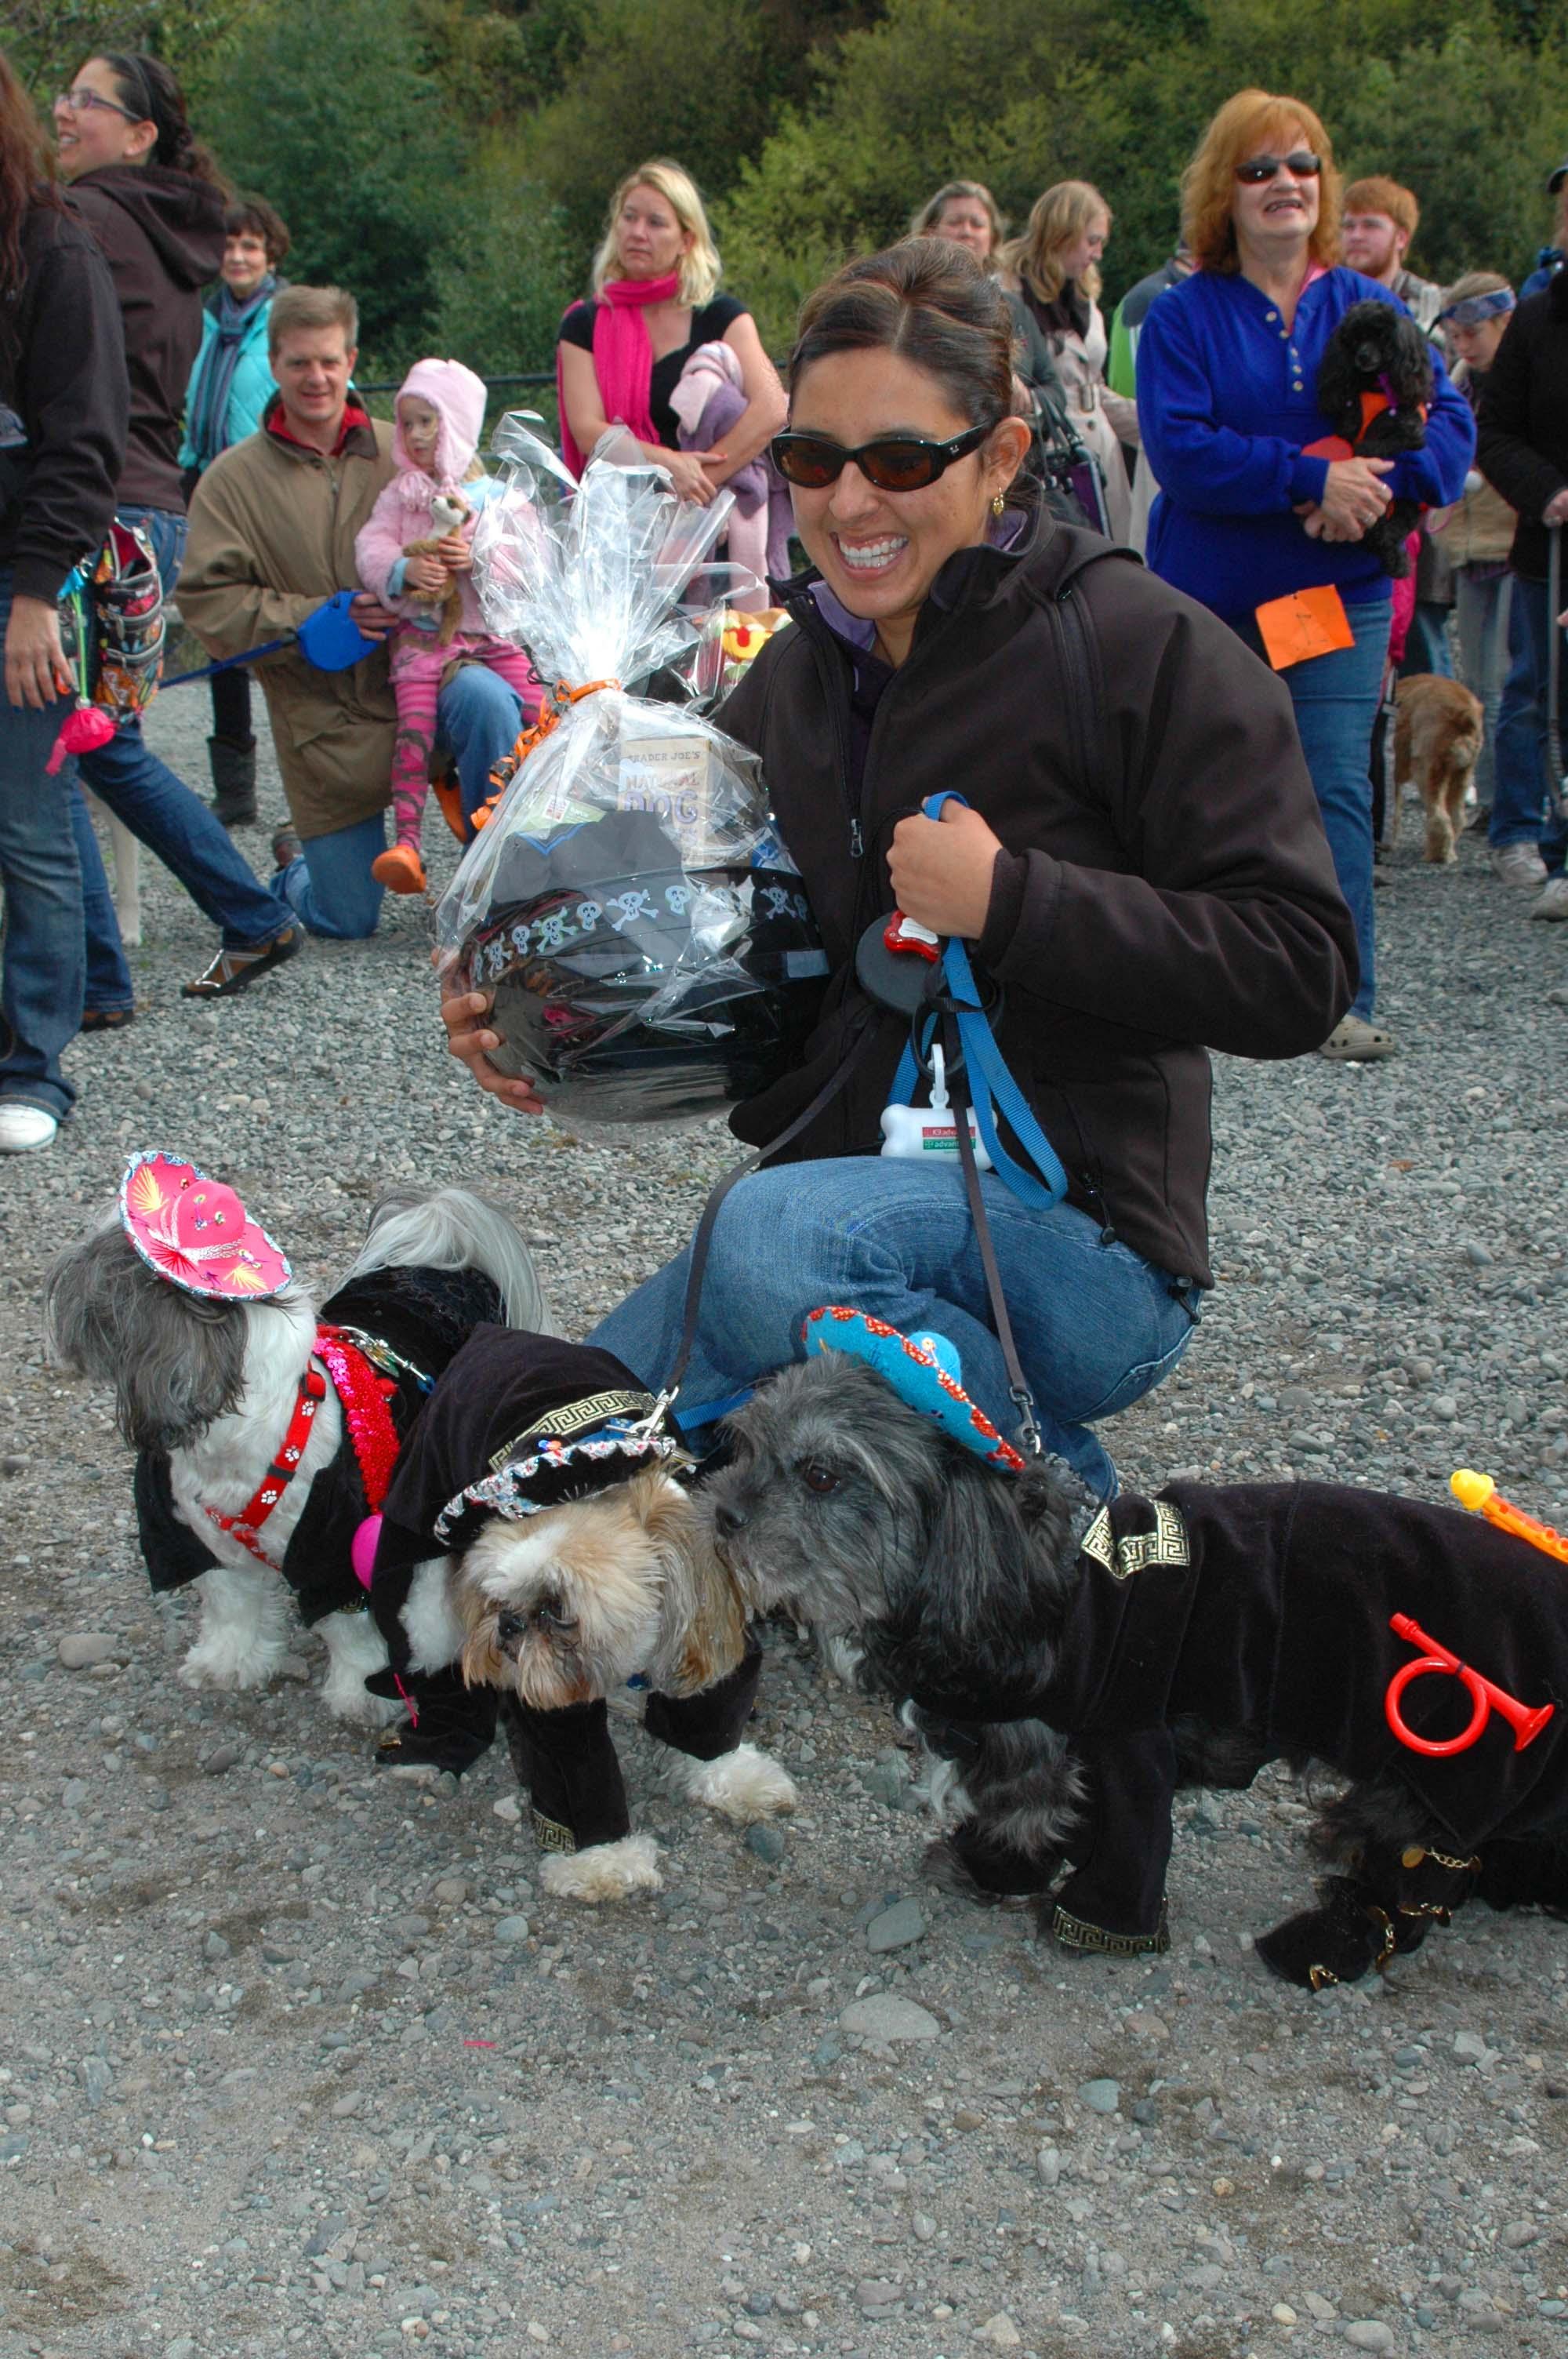 Dogs dress up for Halloween Howl - My Edmonds News